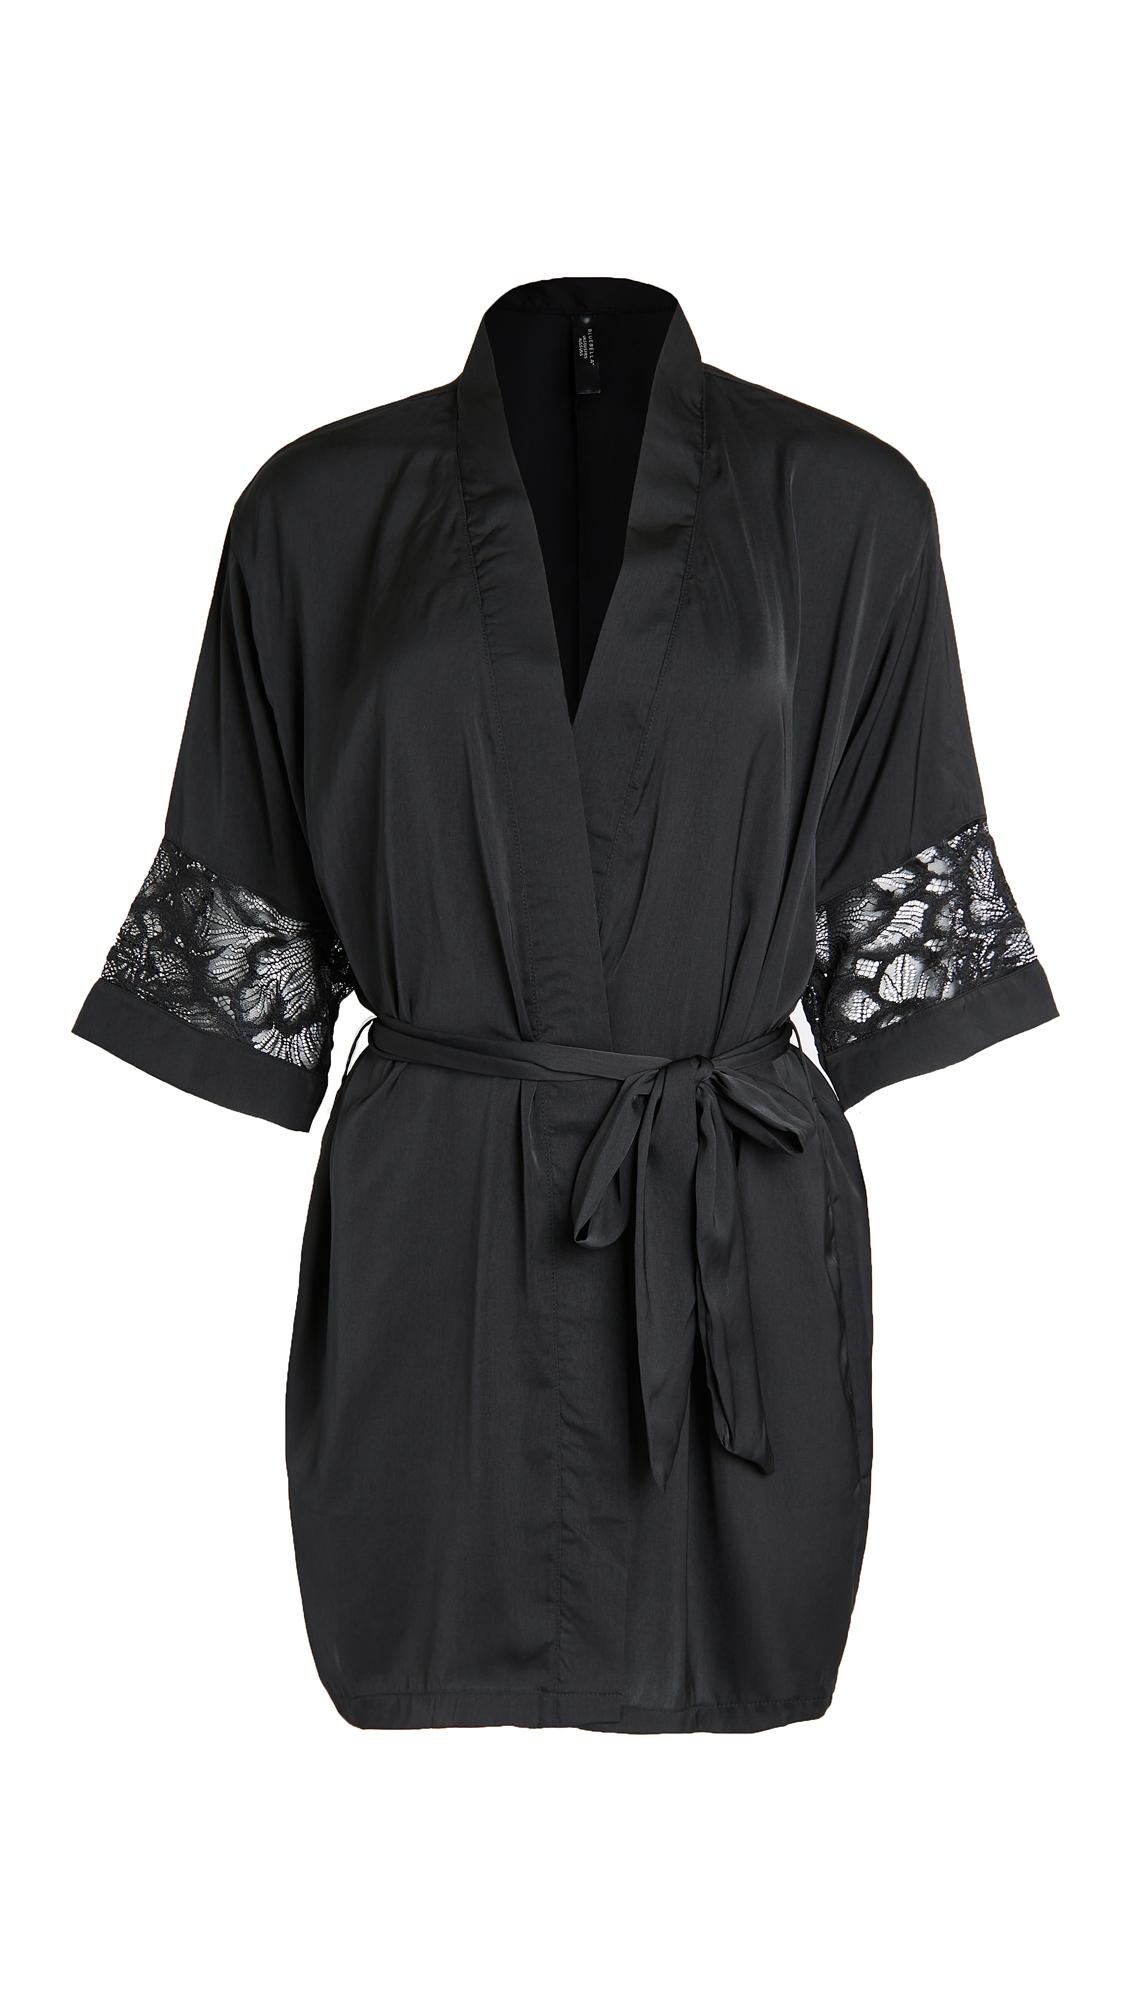 Bluebella Celia Kimono